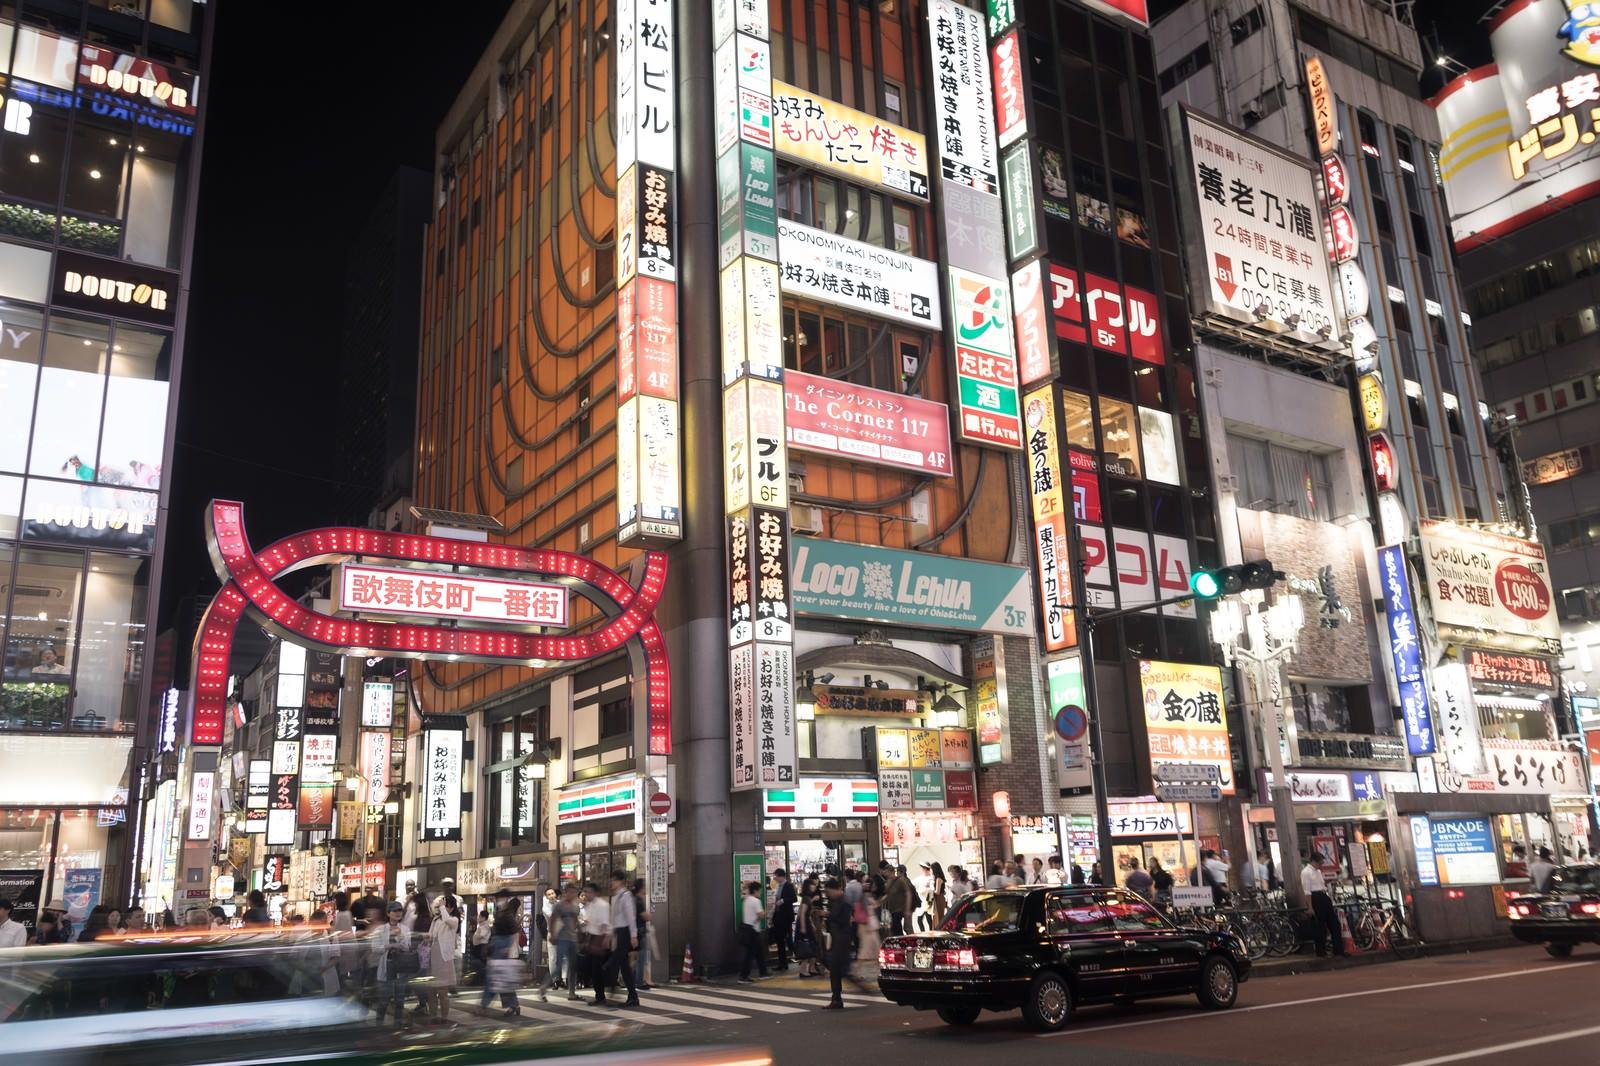 「新宿歌舞伎町劇場通り前 | 写真の無料素材・フリー素材 - ぱくたそ」の写真